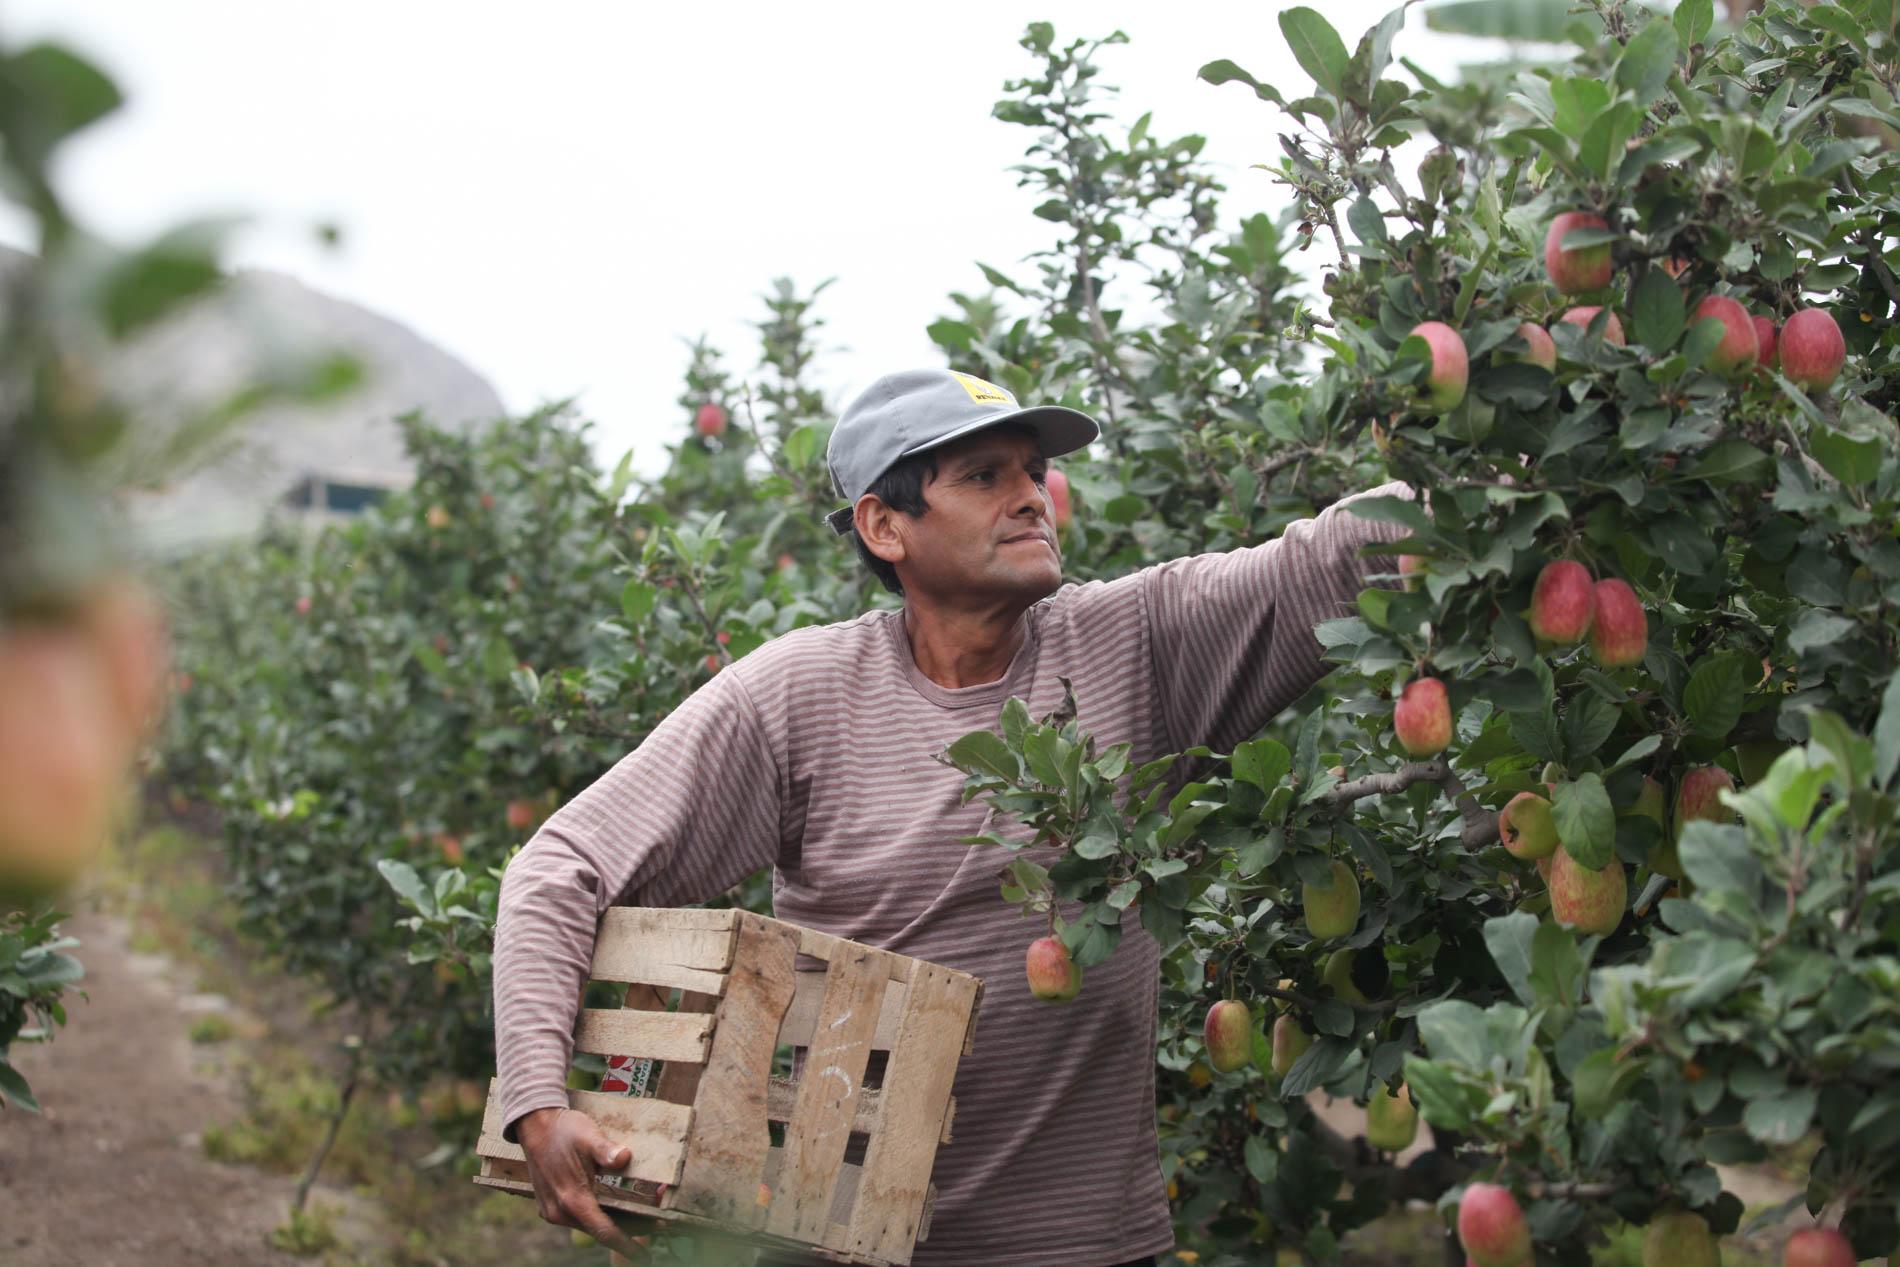 IMG 4175 - Tottus gestiona trato directo con agricultores y productores peruanos